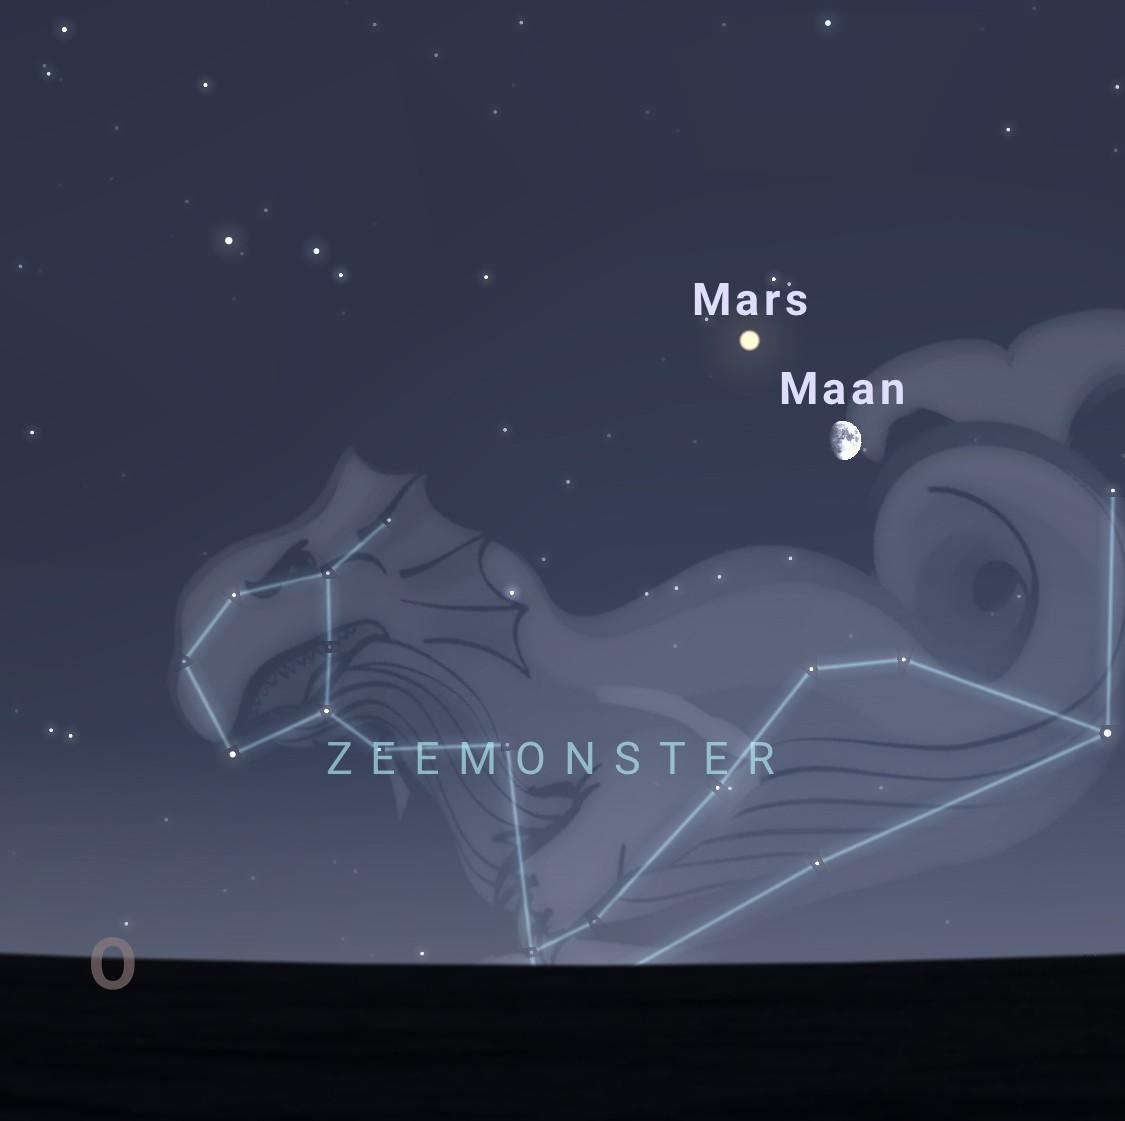 Sterrenkaartje met de maan en Mars